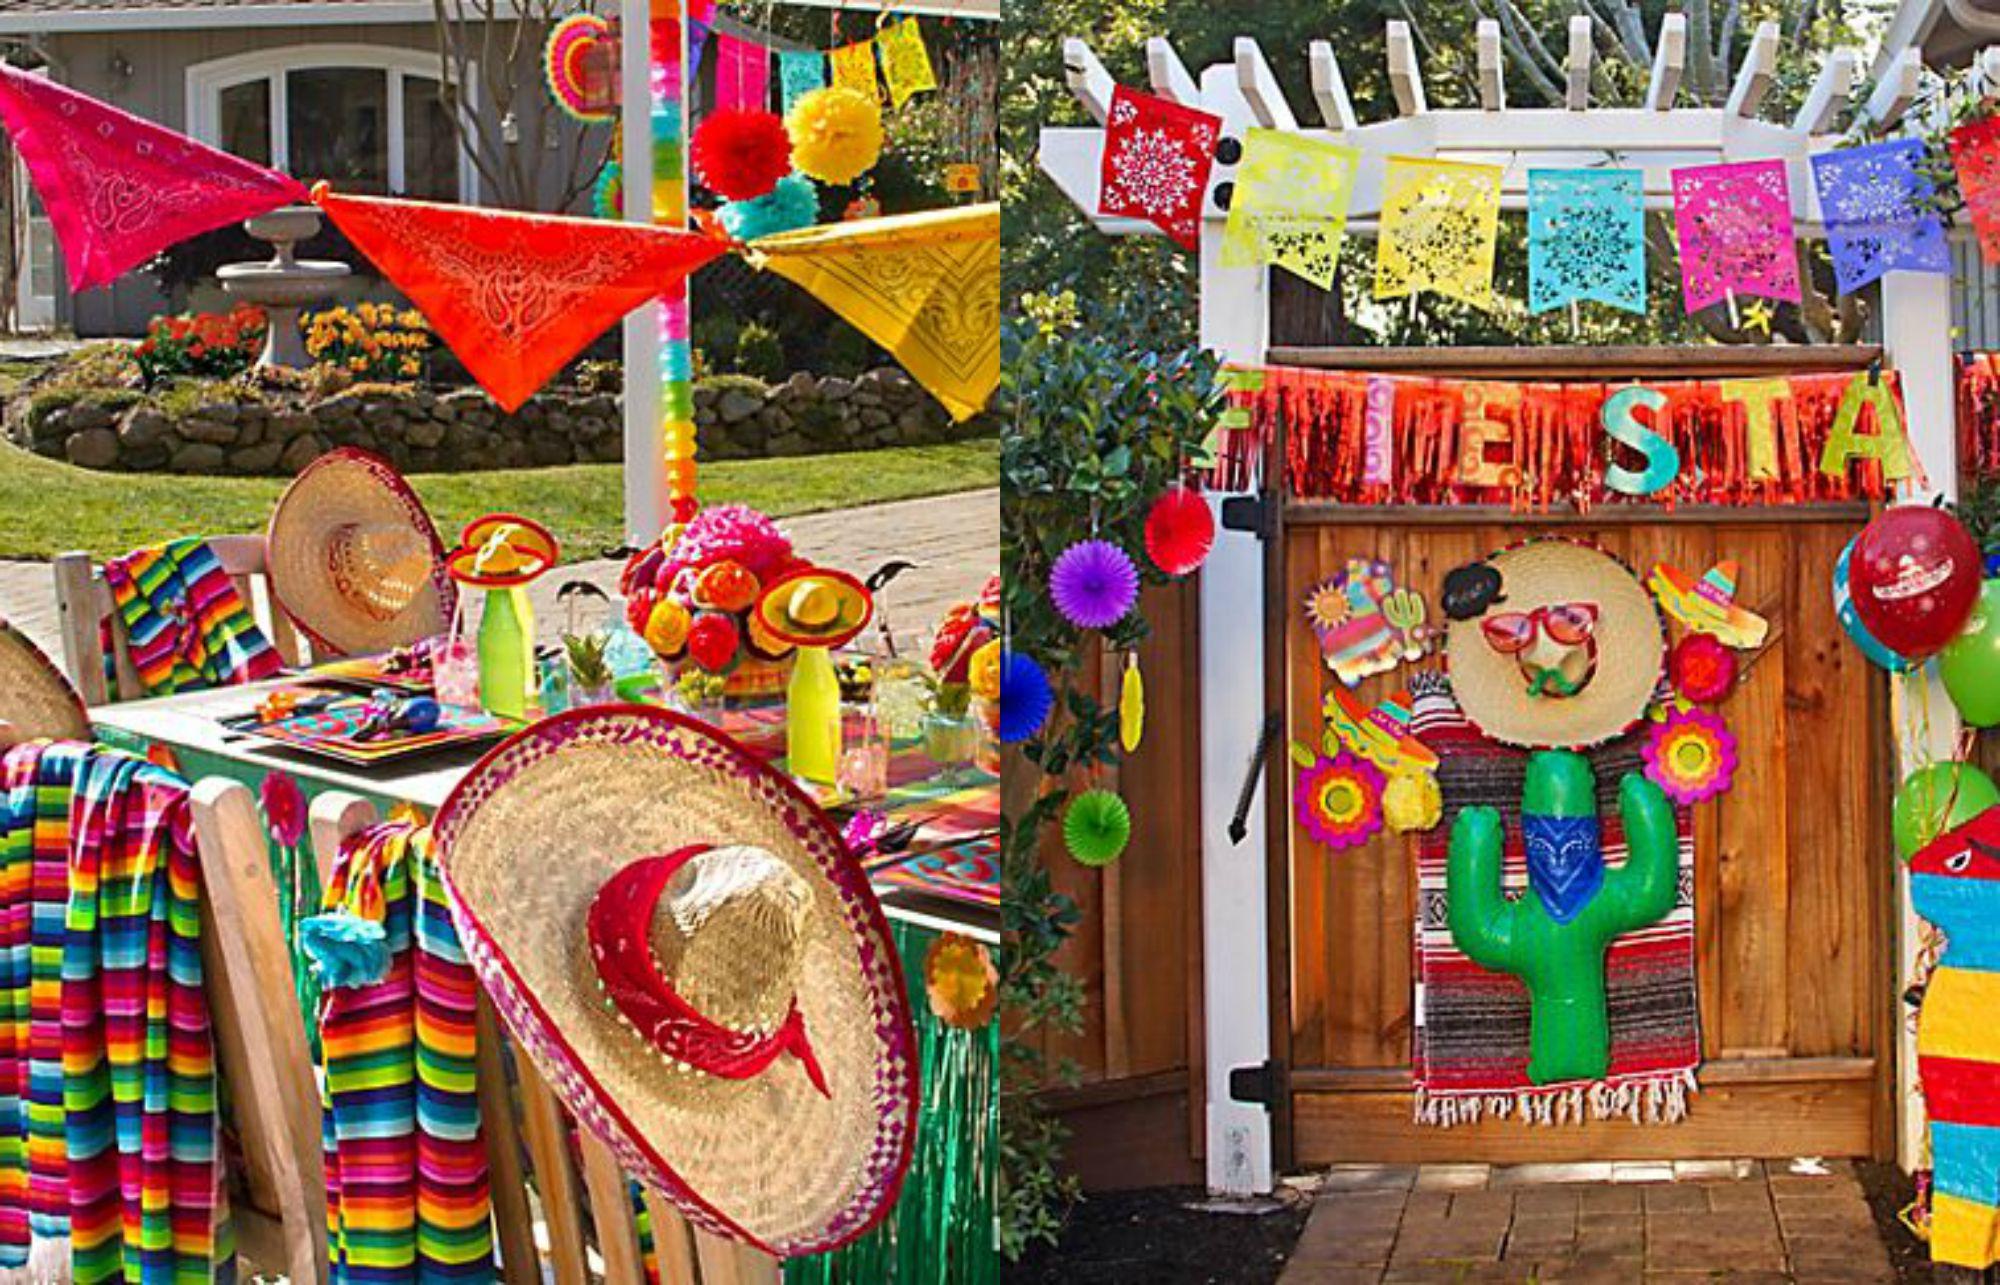 Las cinco cosas que no pueden faltar en una fiesta - Cosas para decorar una fiesta ...